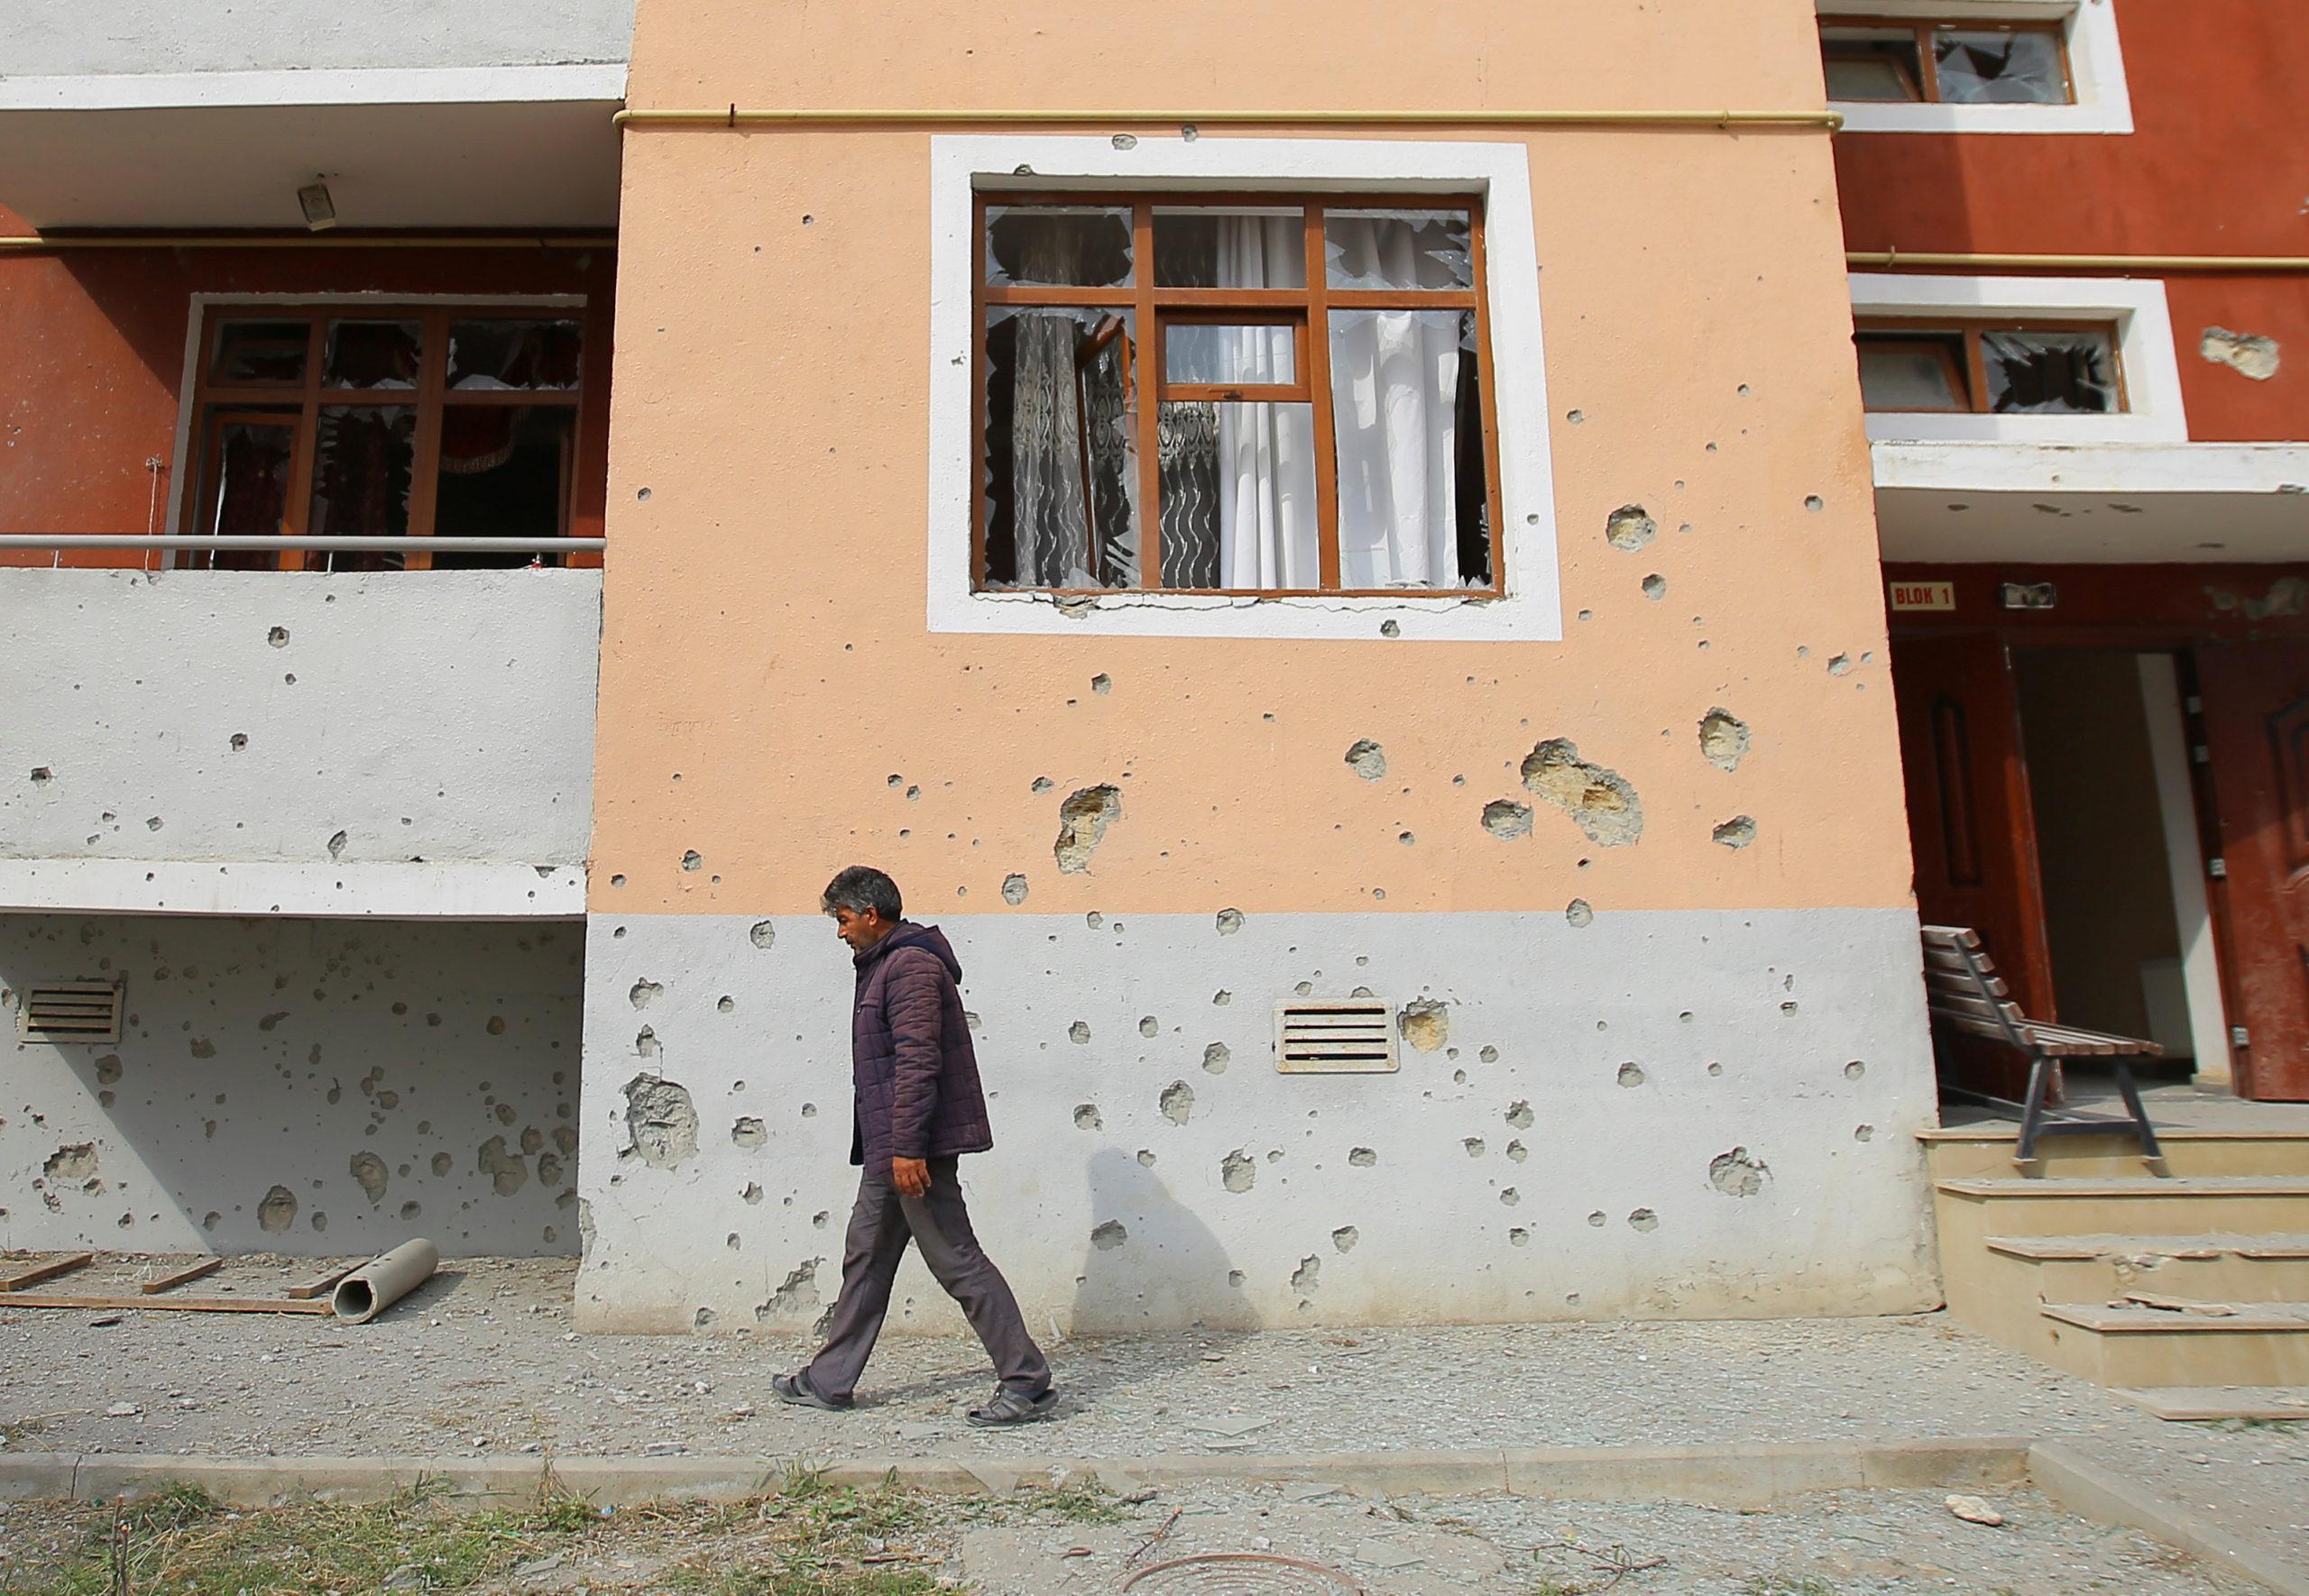 Les combats continuent au Haut-Karabakh, tensions diplomatiques croissantes